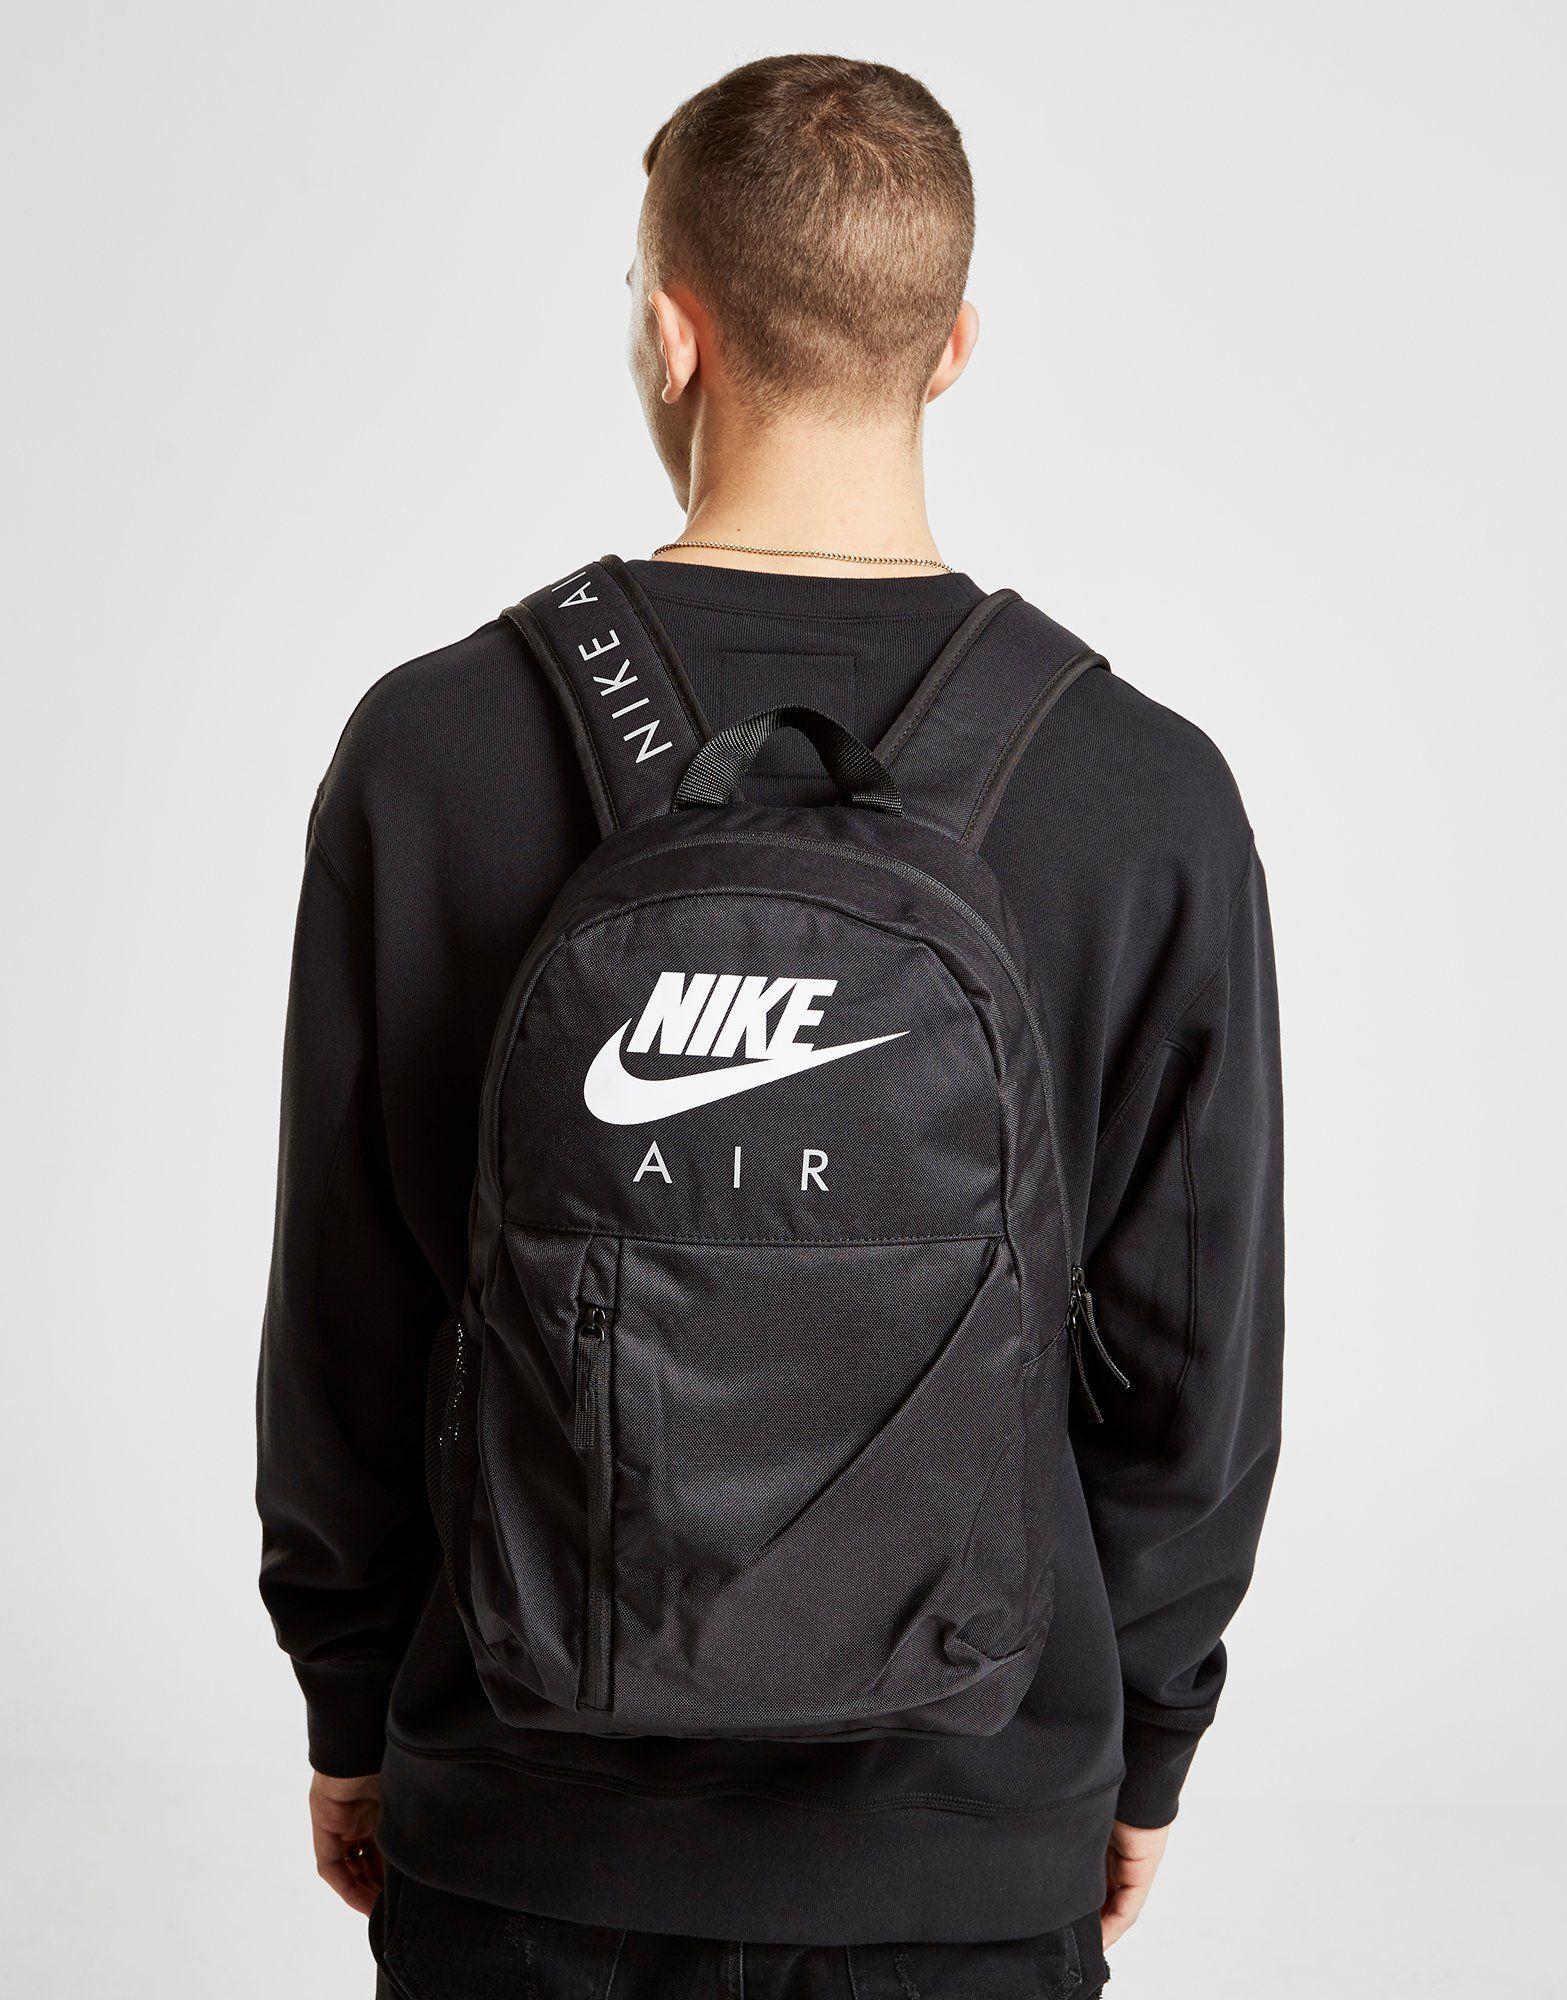 jd black school bags